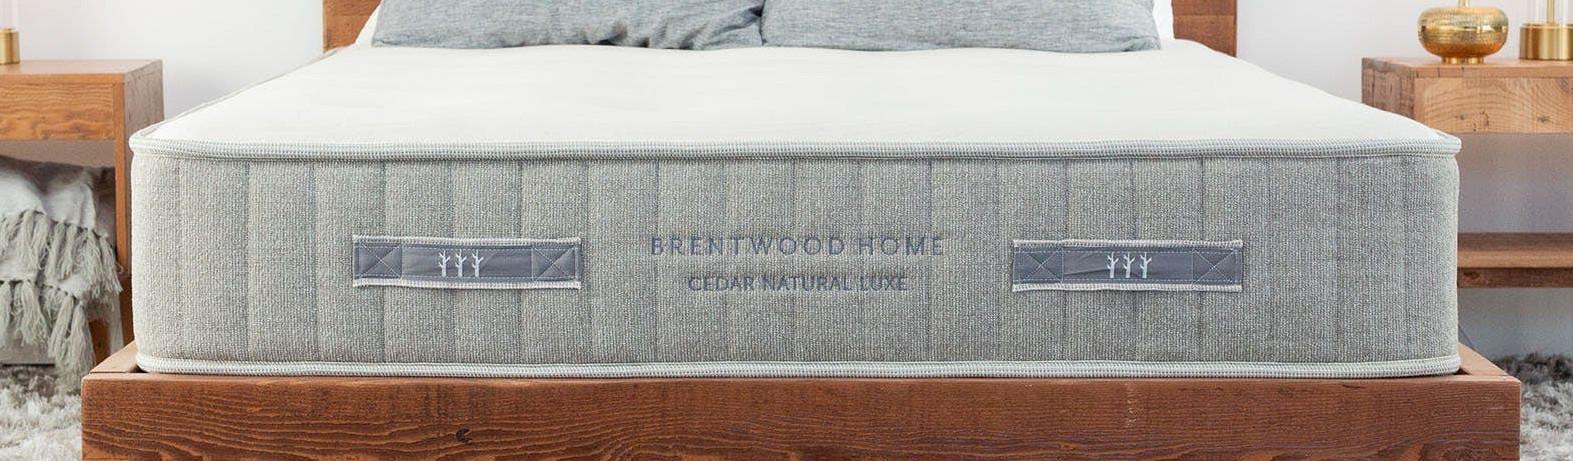 best cooling mattress cedar natural luxe